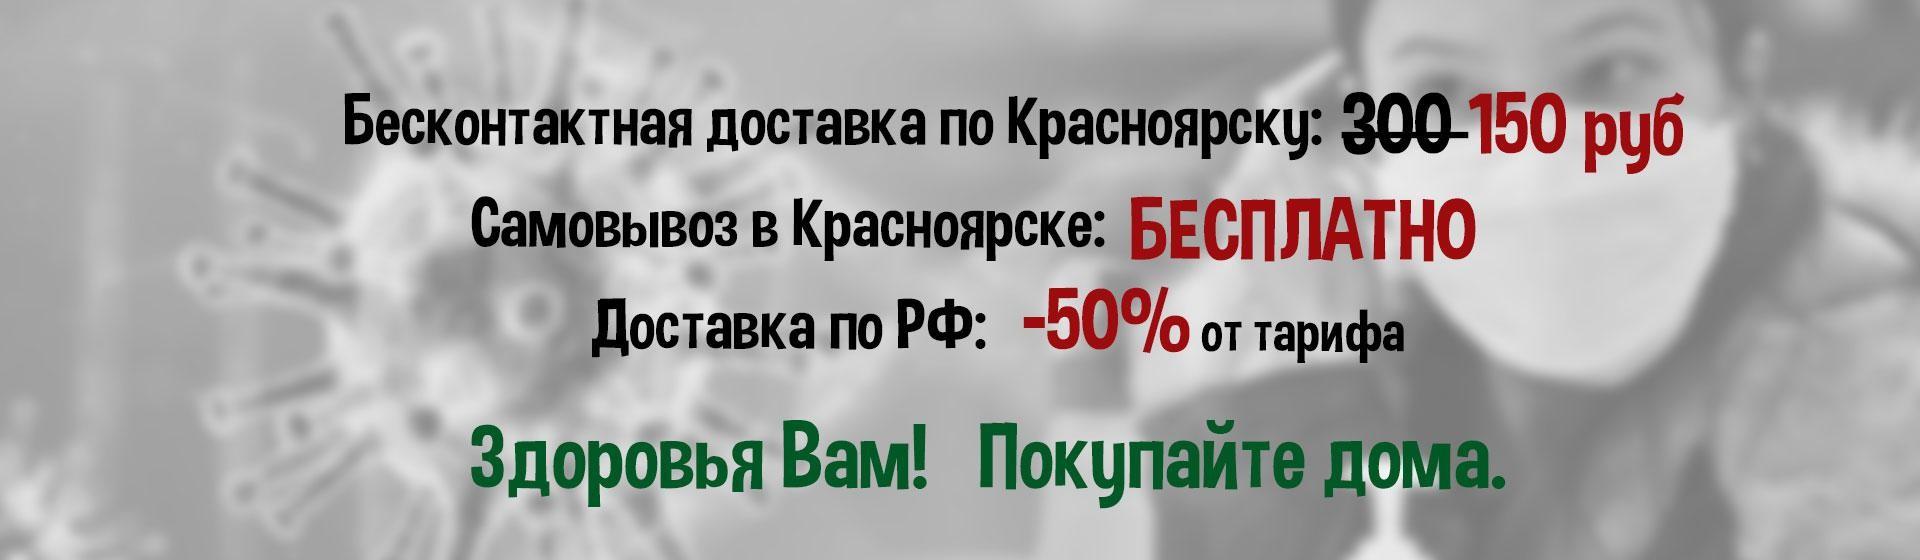 Товары в наличии для самовывоза из розничного магазина в Красноярске